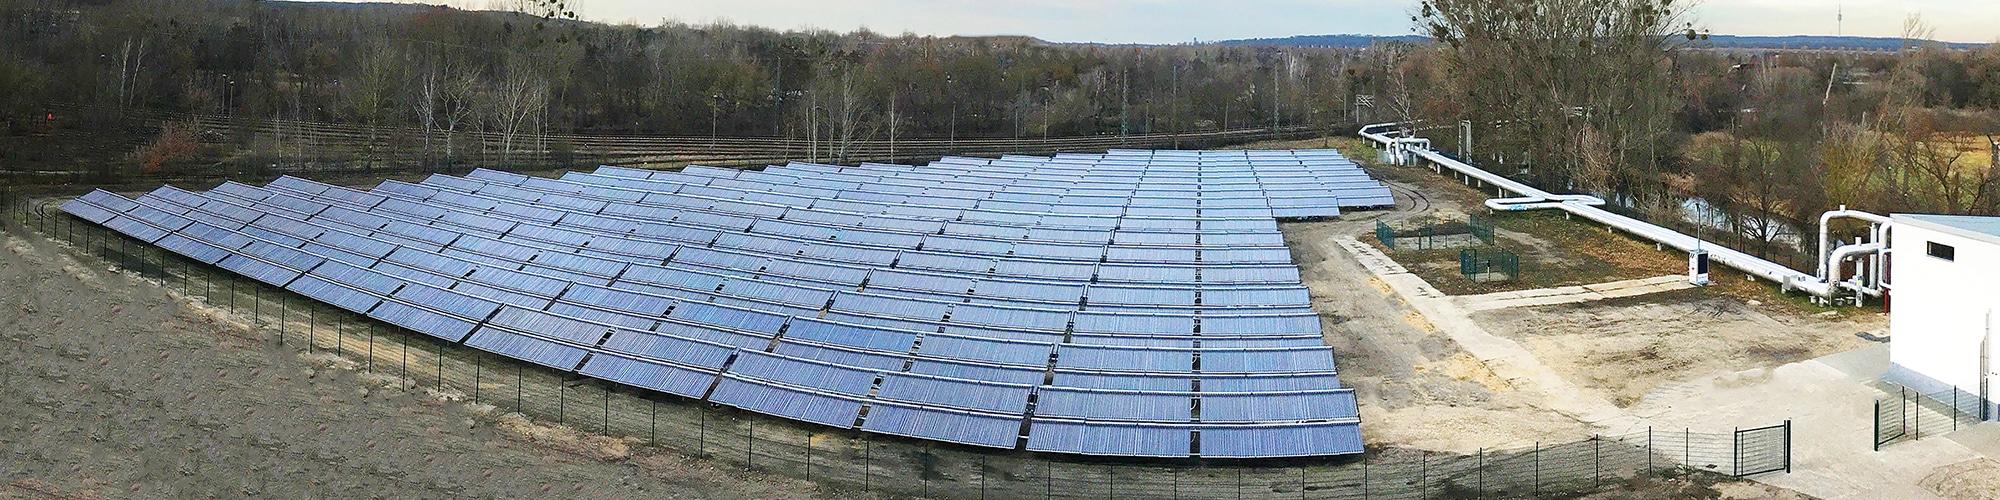 Stadtwerke Potsdam - Solare Großanlage für Wärmenetz